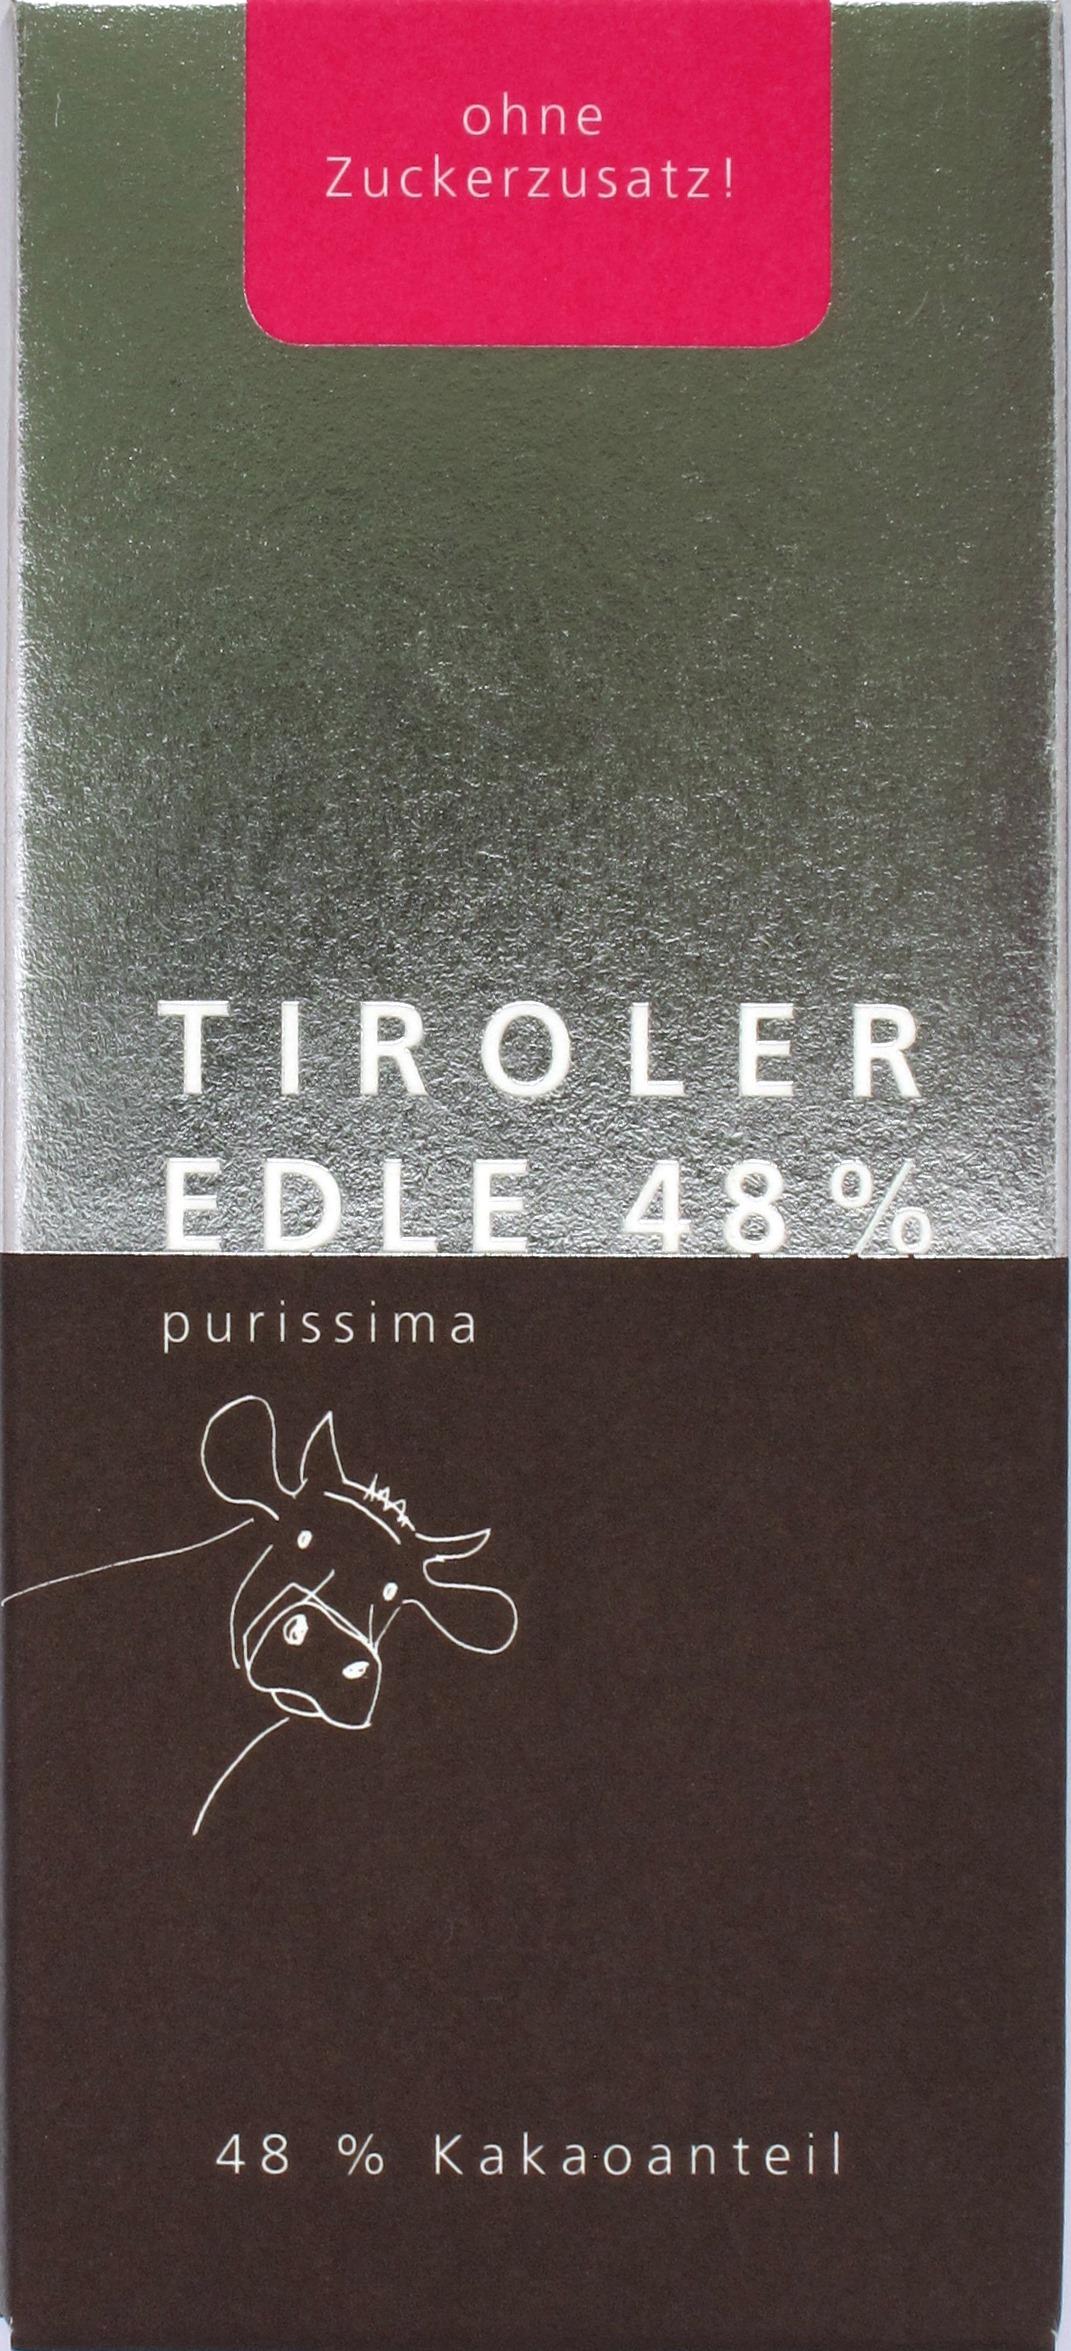 Tafel: Purissima Maxima 48% von Tiroler Edle